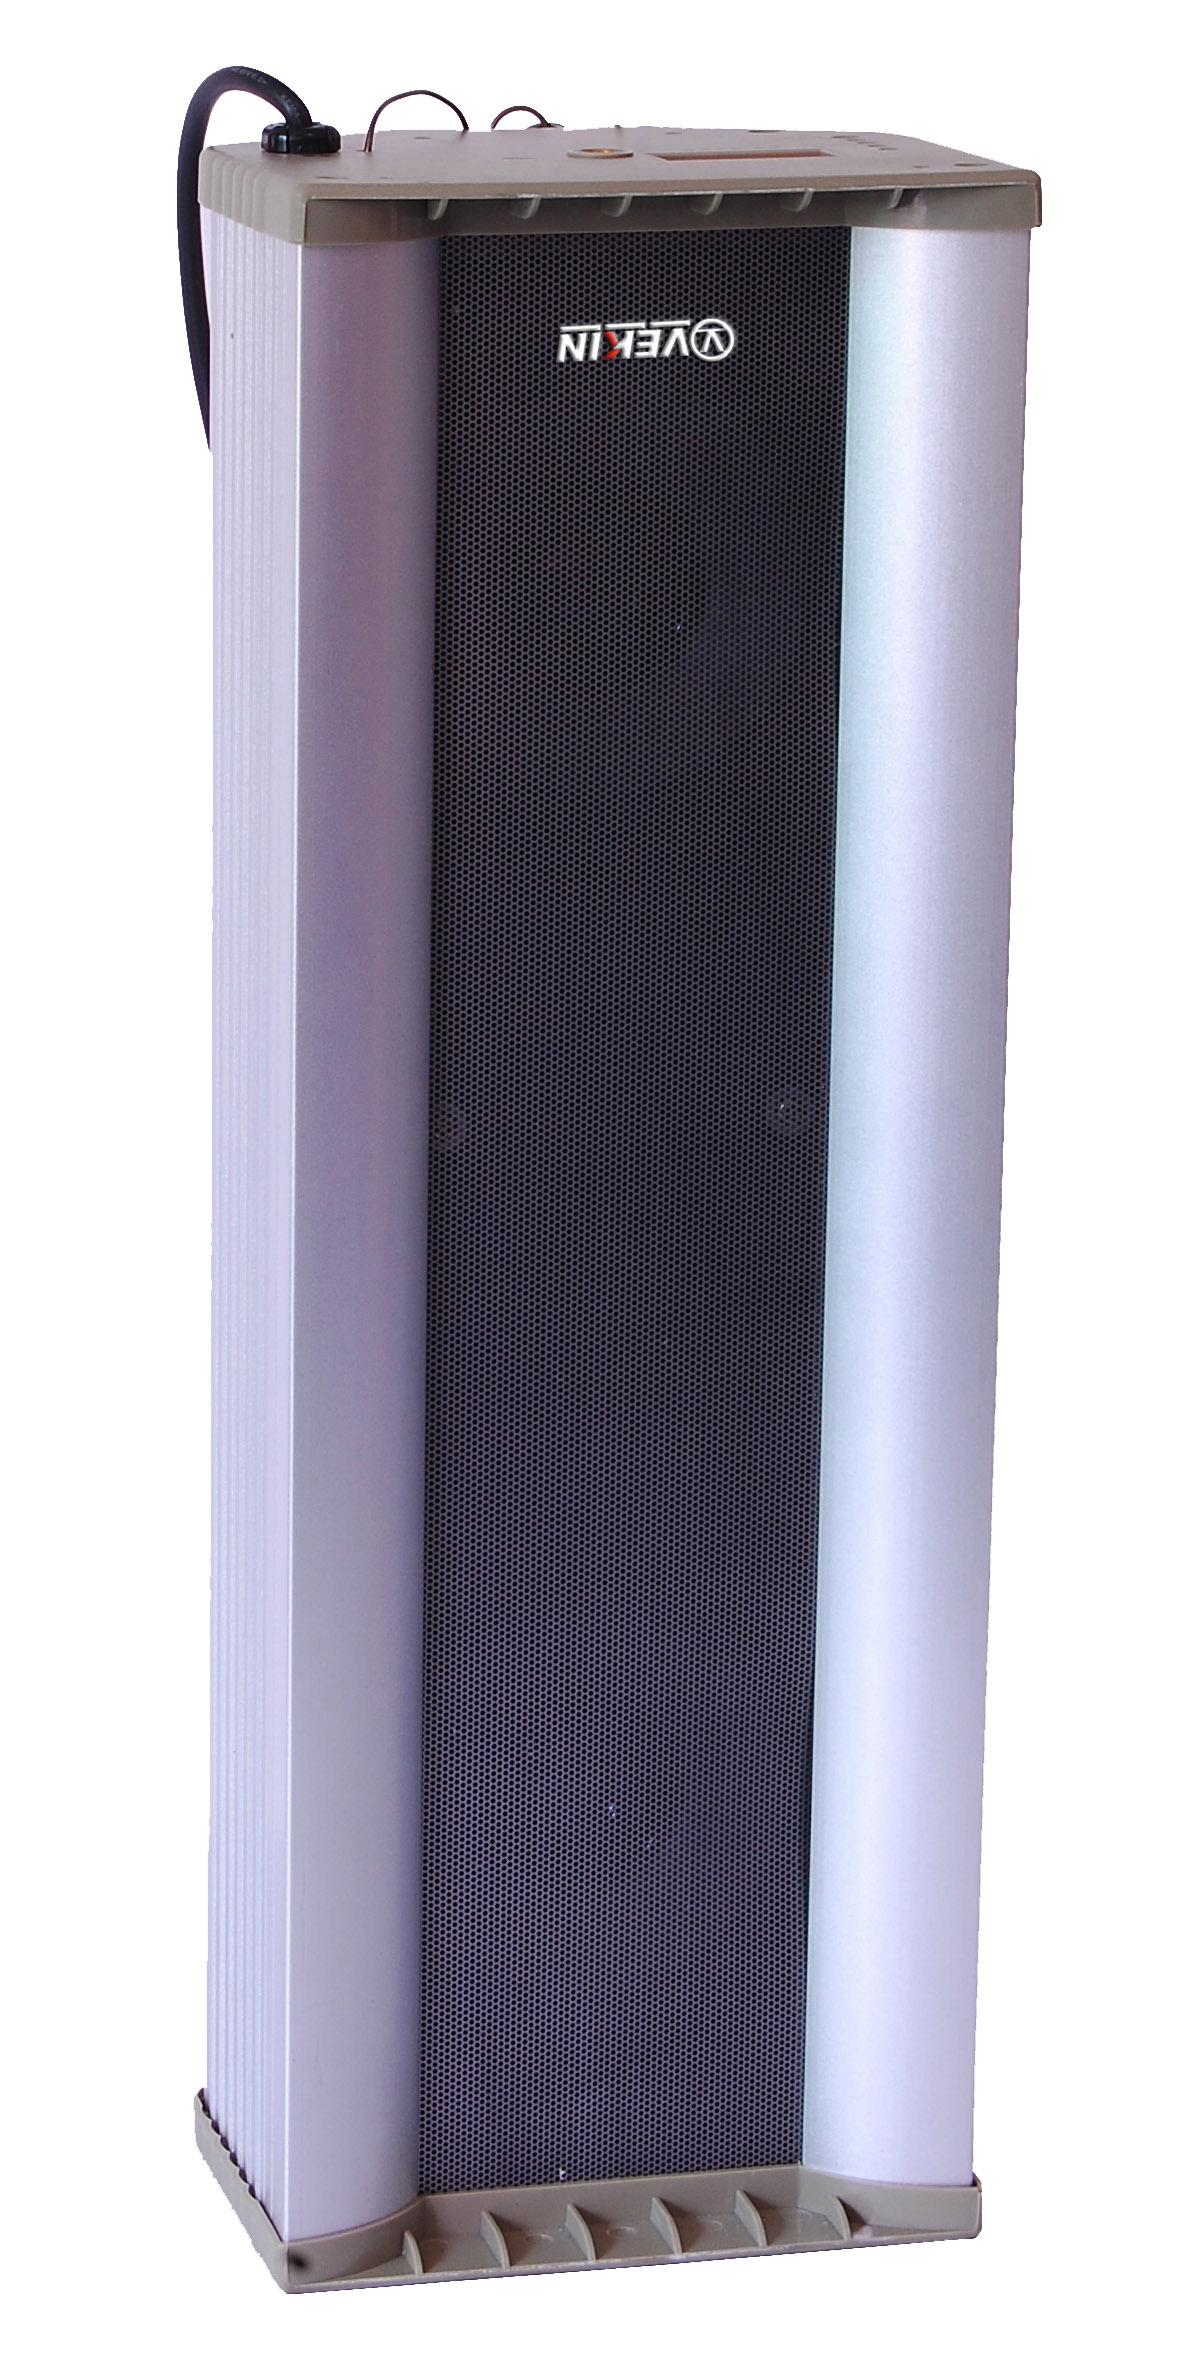 山东无线调频广播室外音箱 vk-930 vk-930h